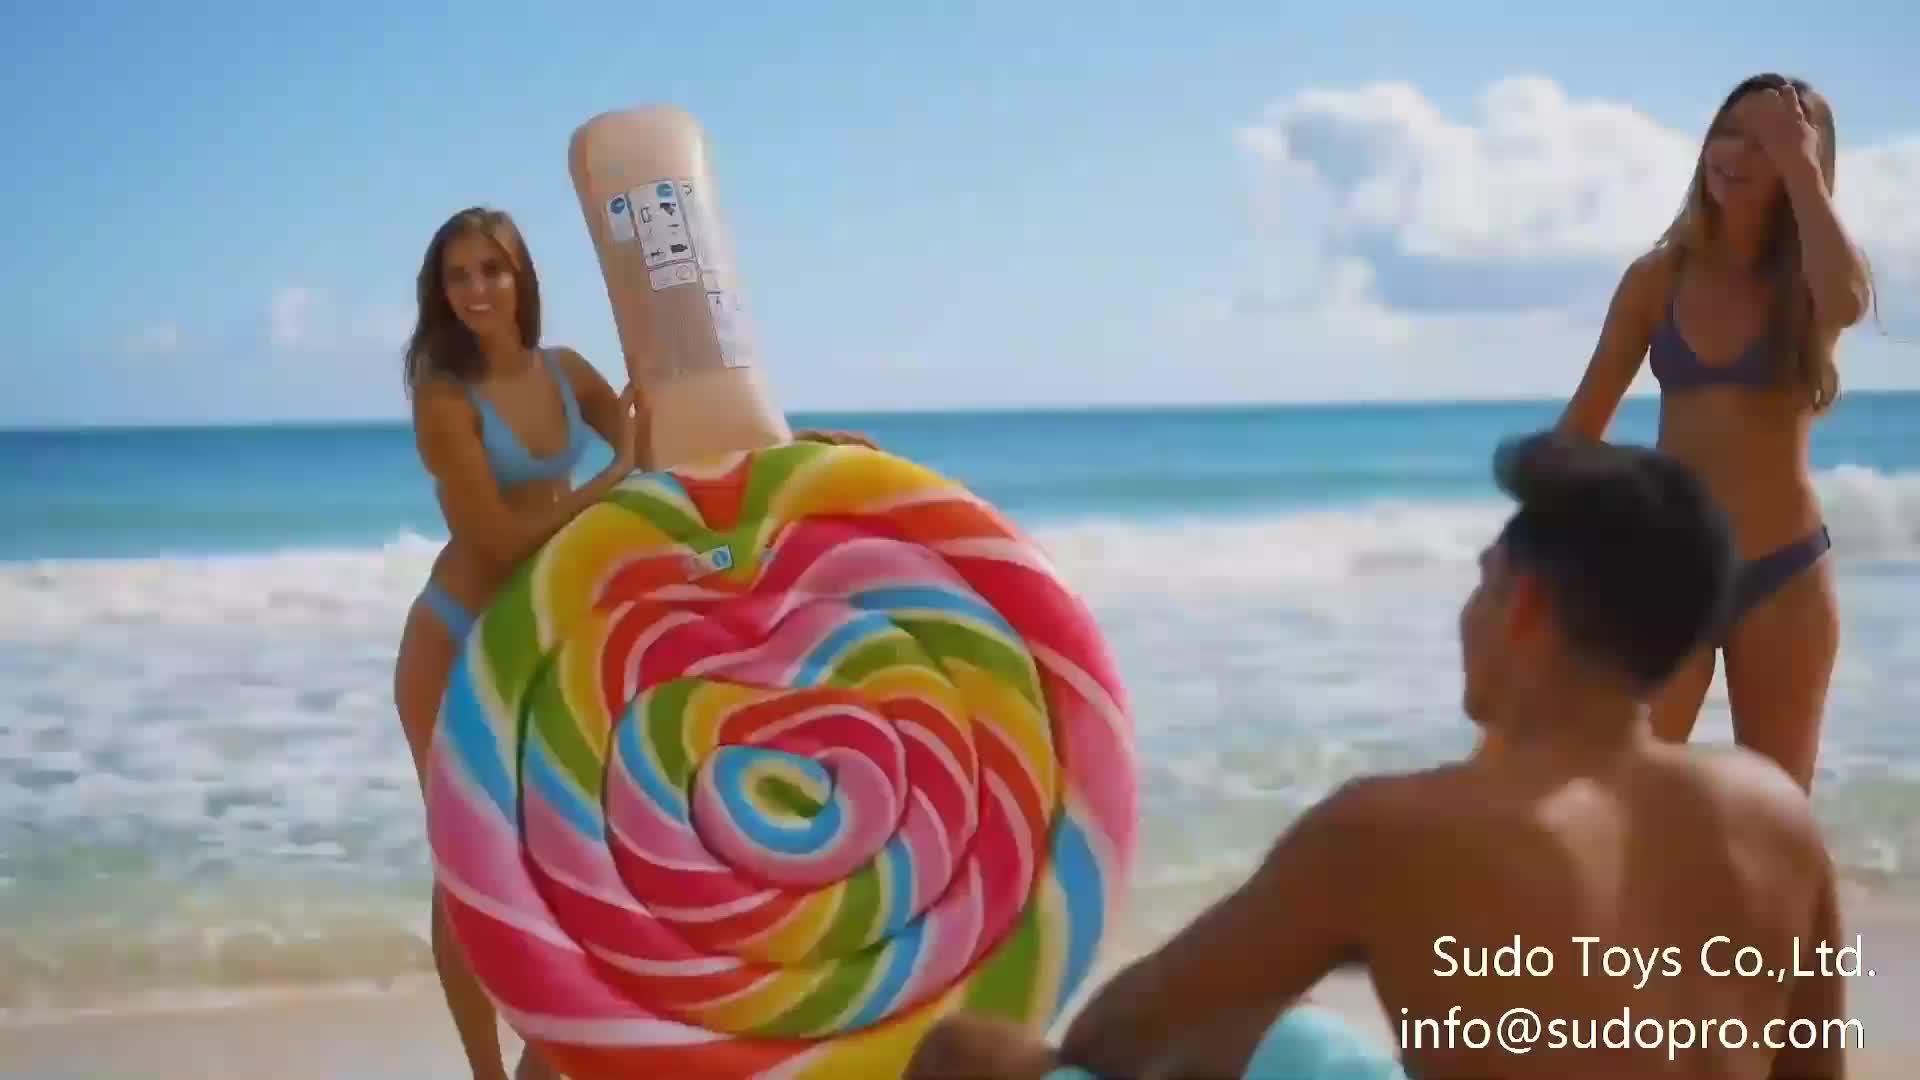 En stock 154x138x97cm o de versión pequeña Rosa rojo pvc inflable de flamingo playa piscina lago flotar Juguetes